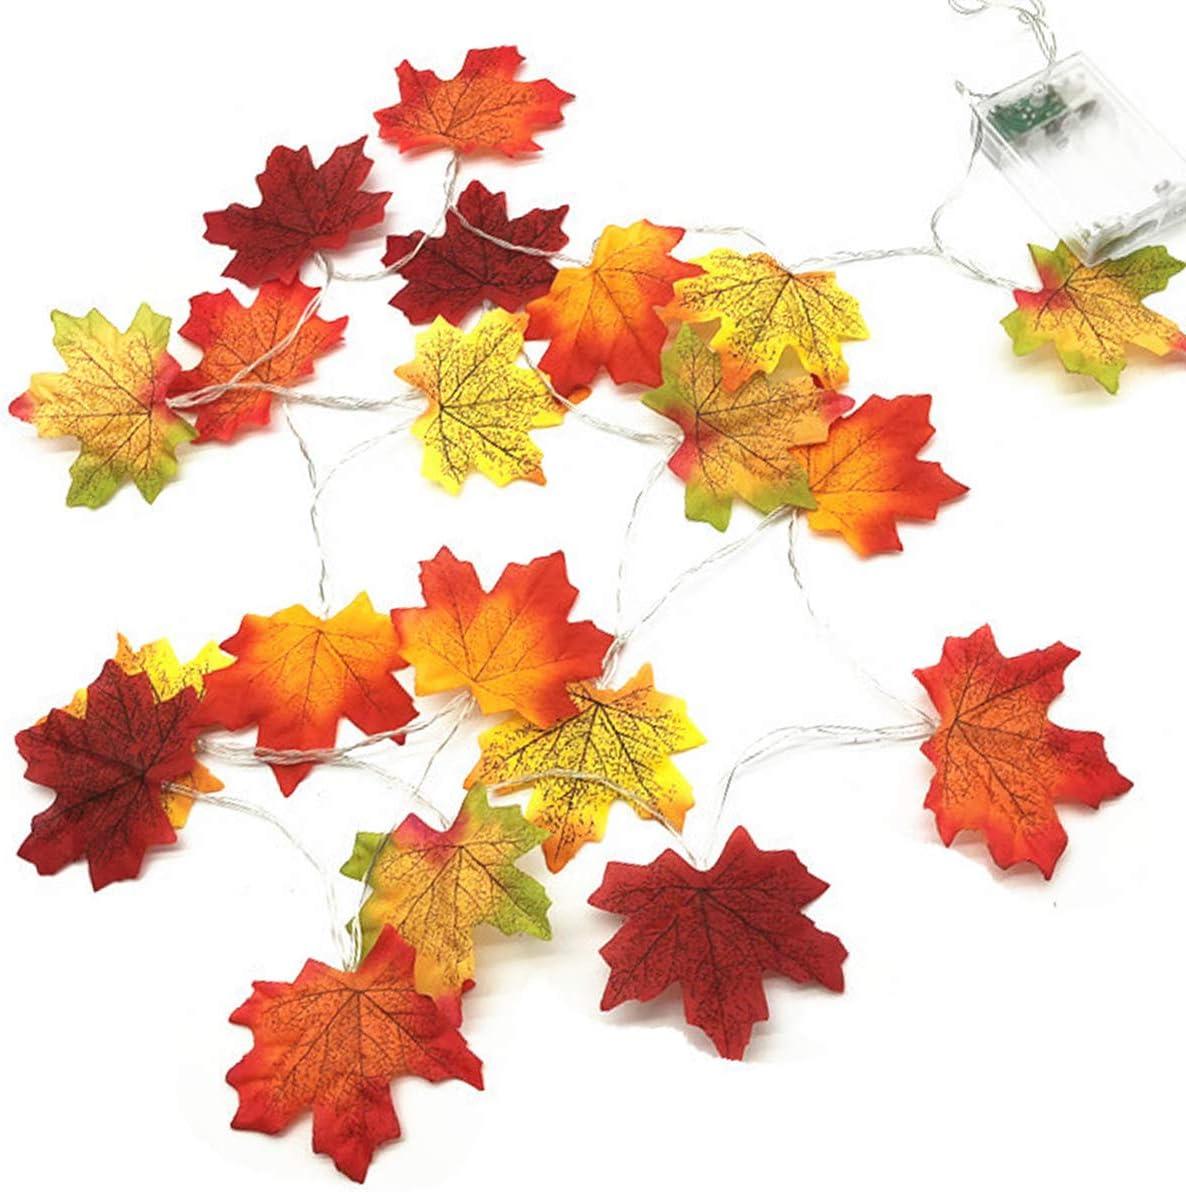 30 LED Light Fall Thanksgiving Maple Leaves Lamp Garland Charming Festival Decor